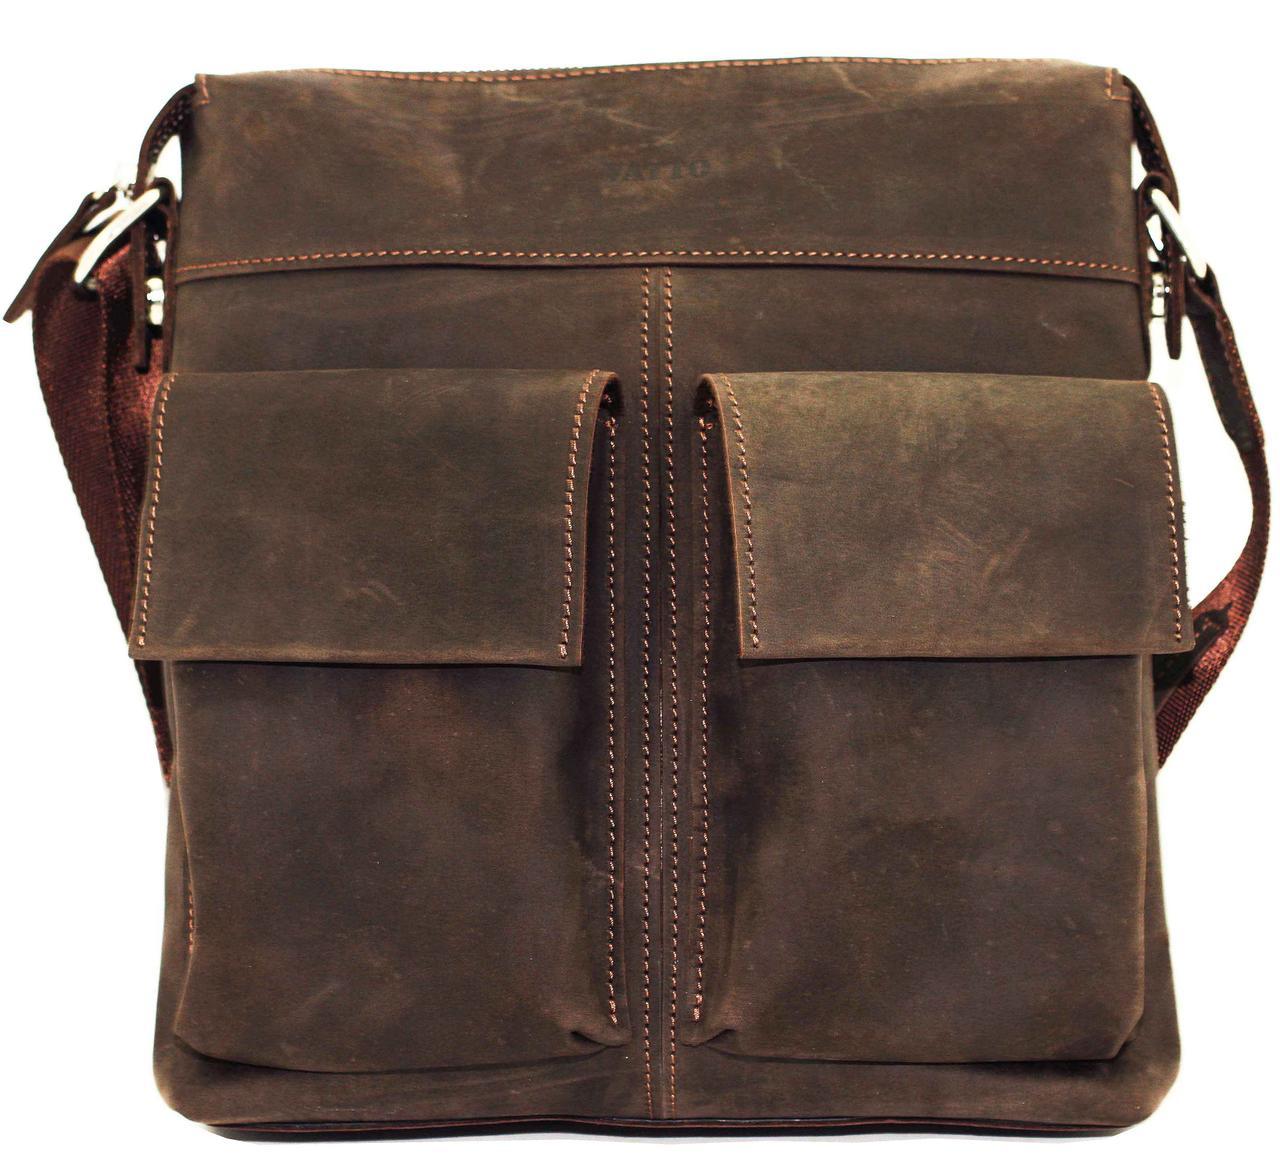 Мужская сумка VATTO Mk41.4 Kr450